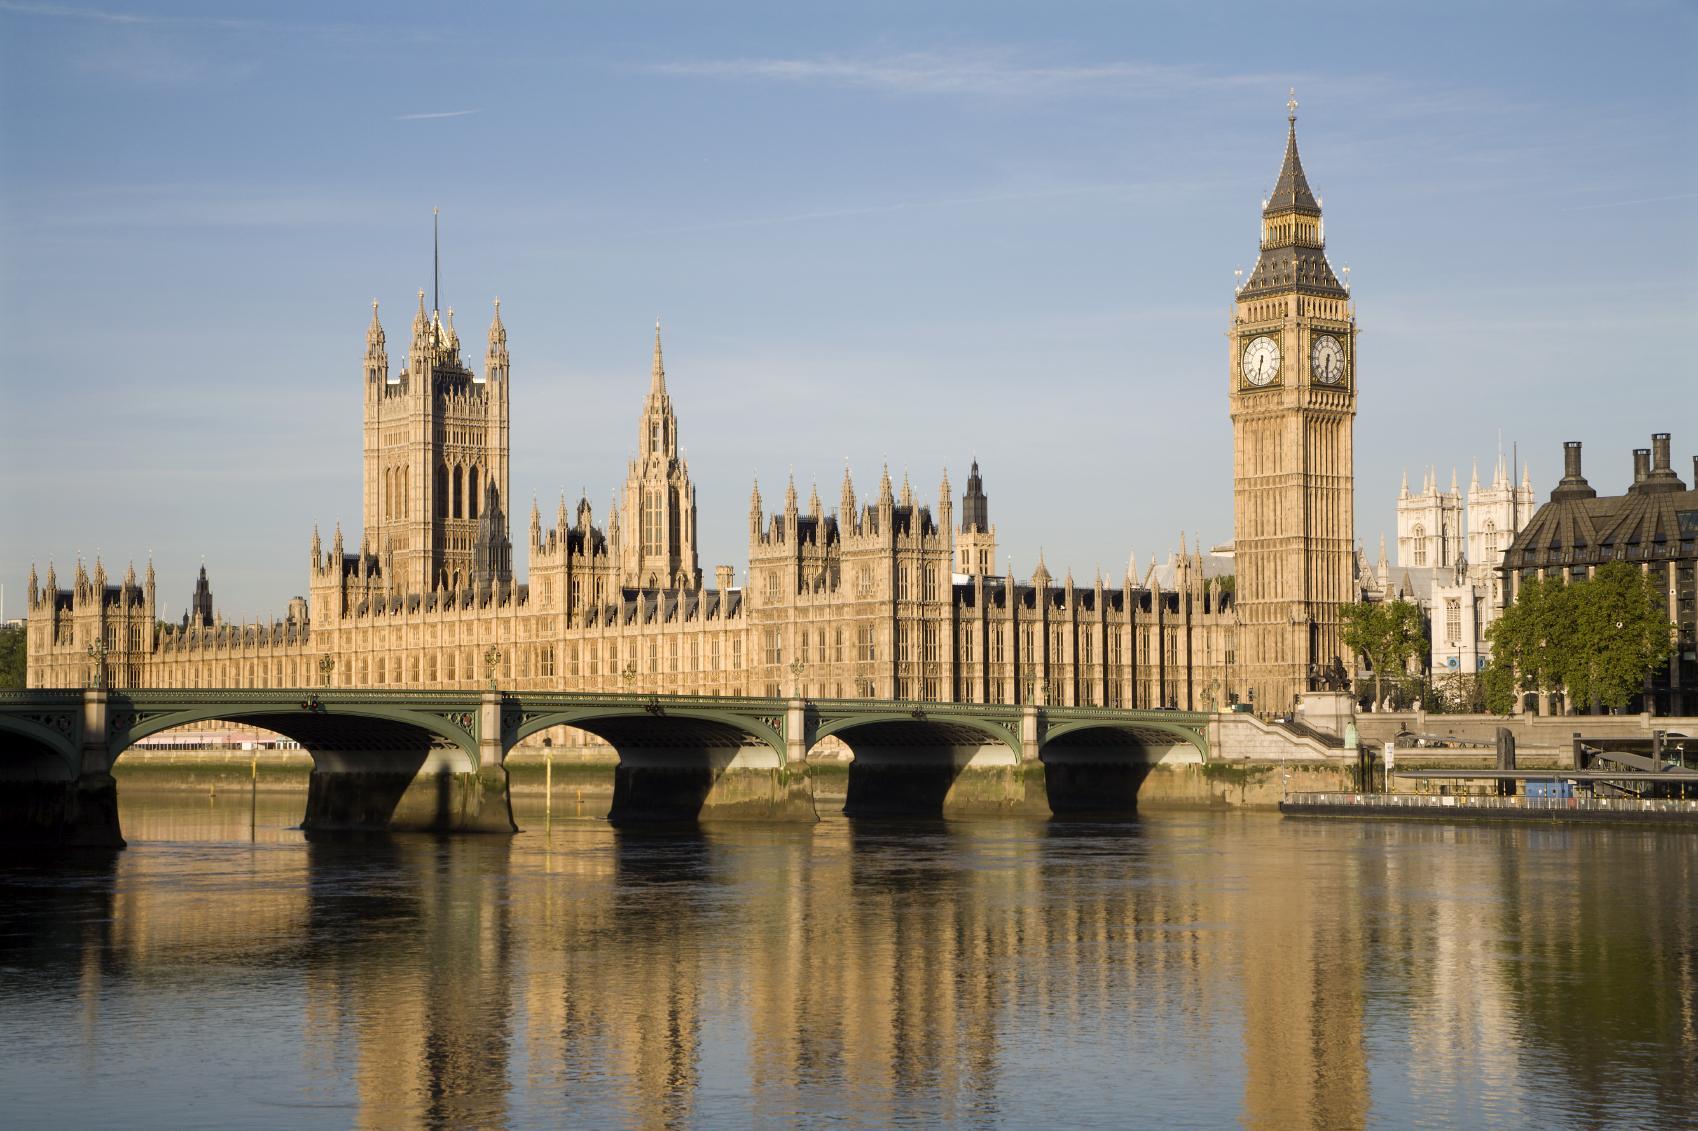 英国国会大楼_英国议会大厦攻略,英国议会大厦简介图片,门票价格,开放时间 ...